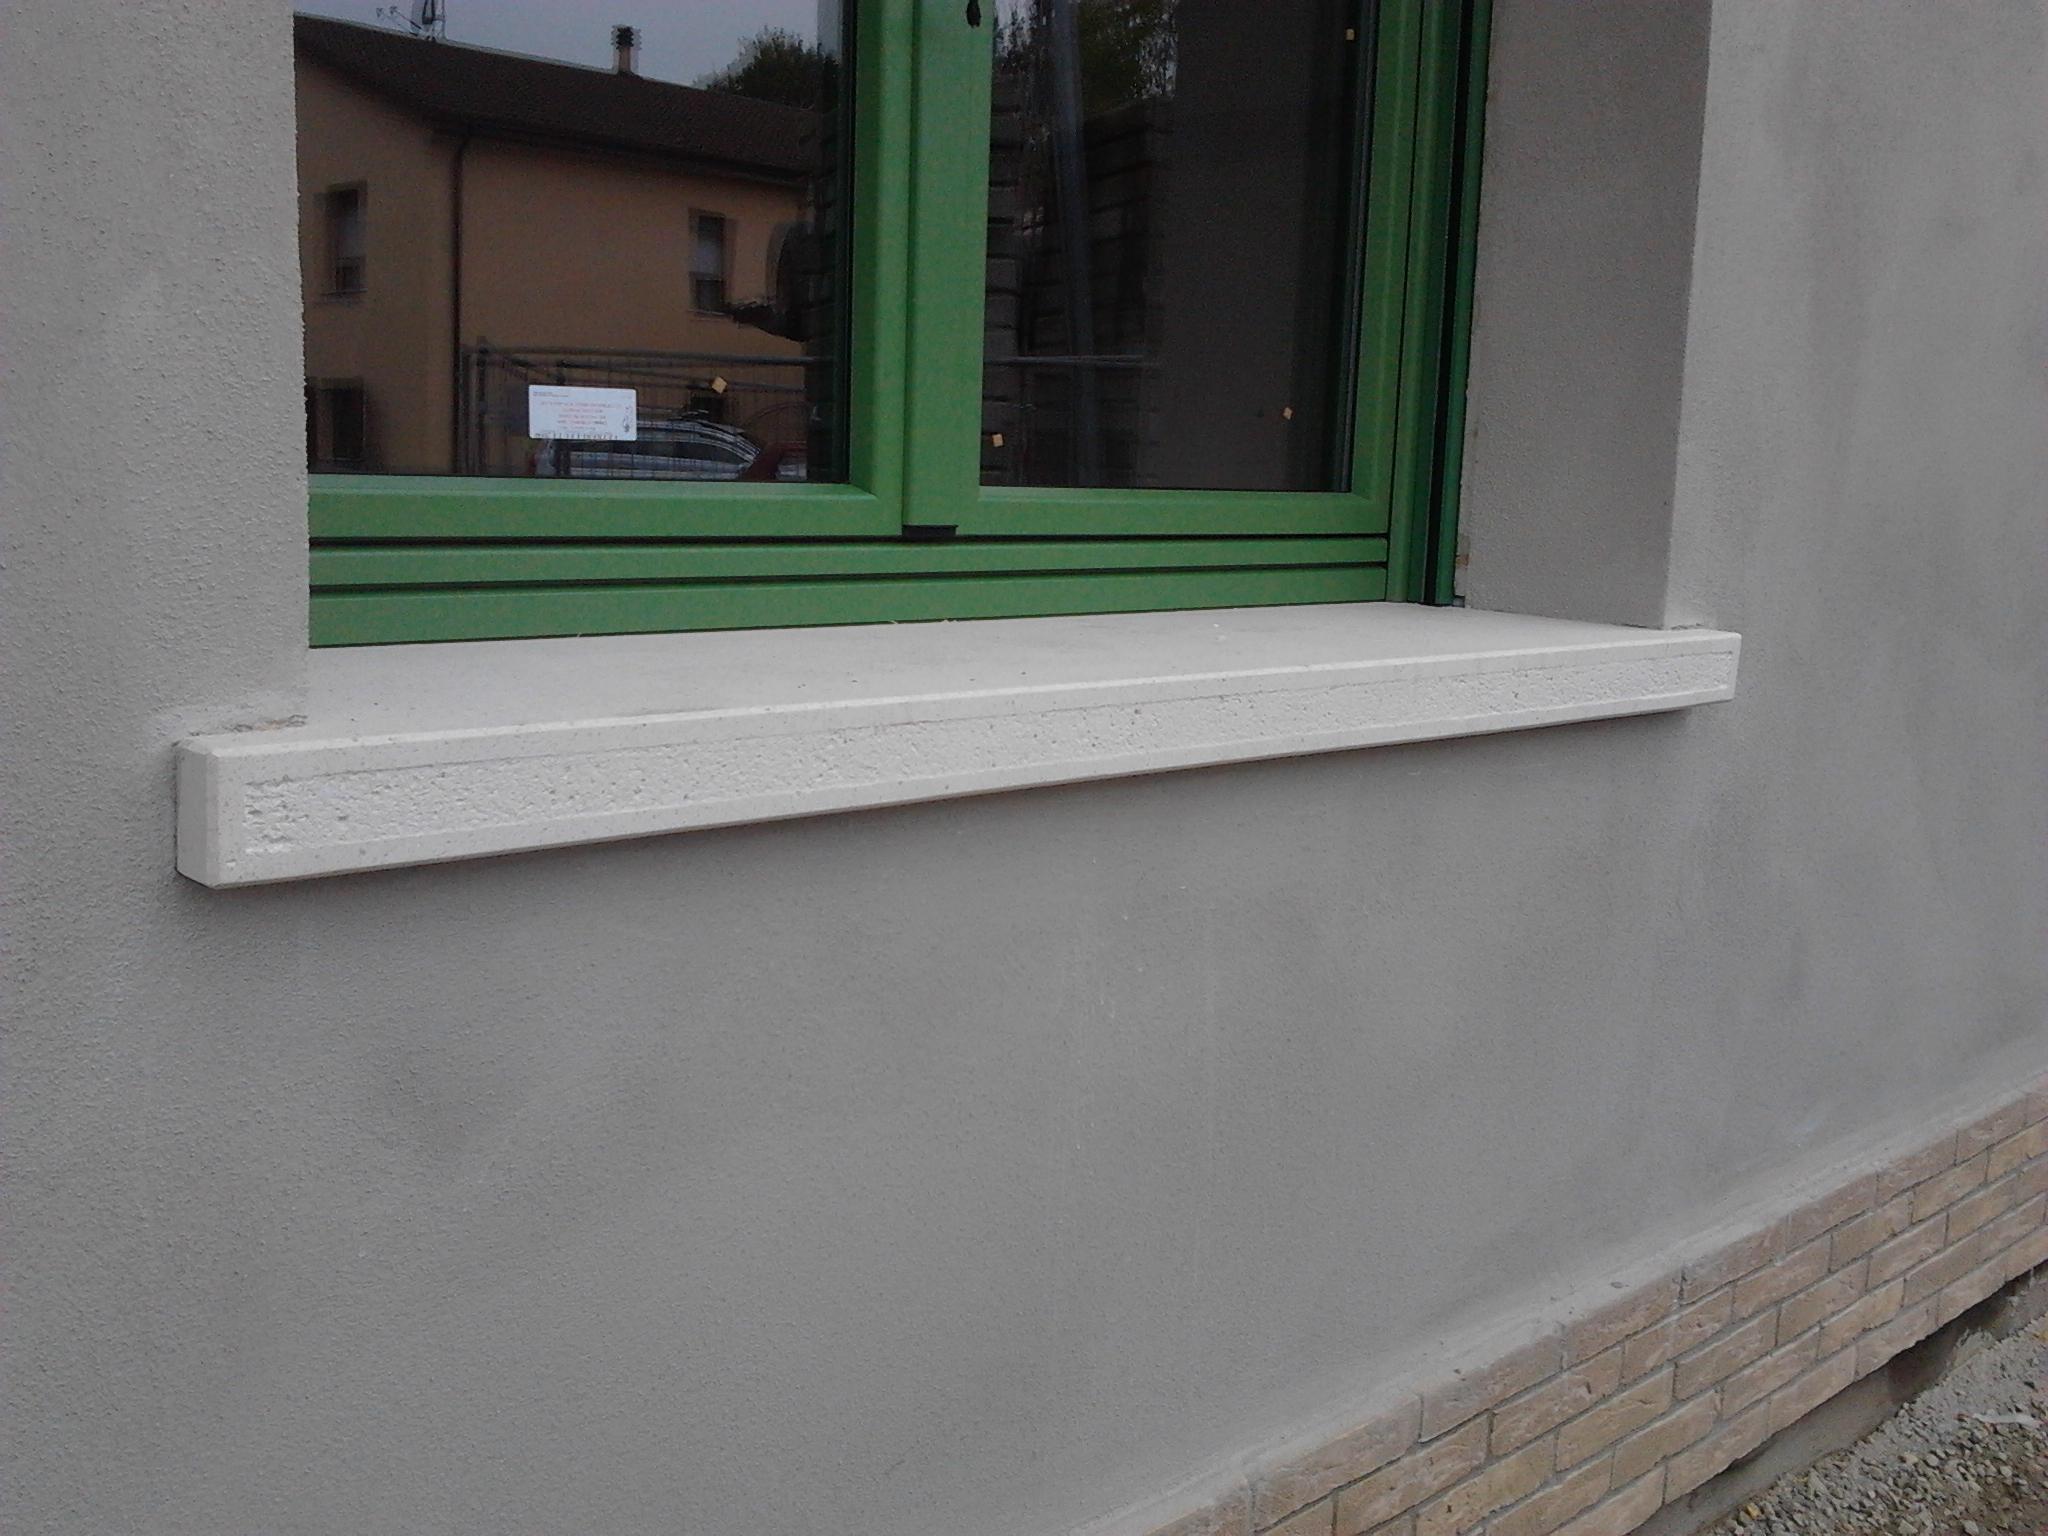 Davanzali righi germano s n c - Coibentazione davanzali finestre ...